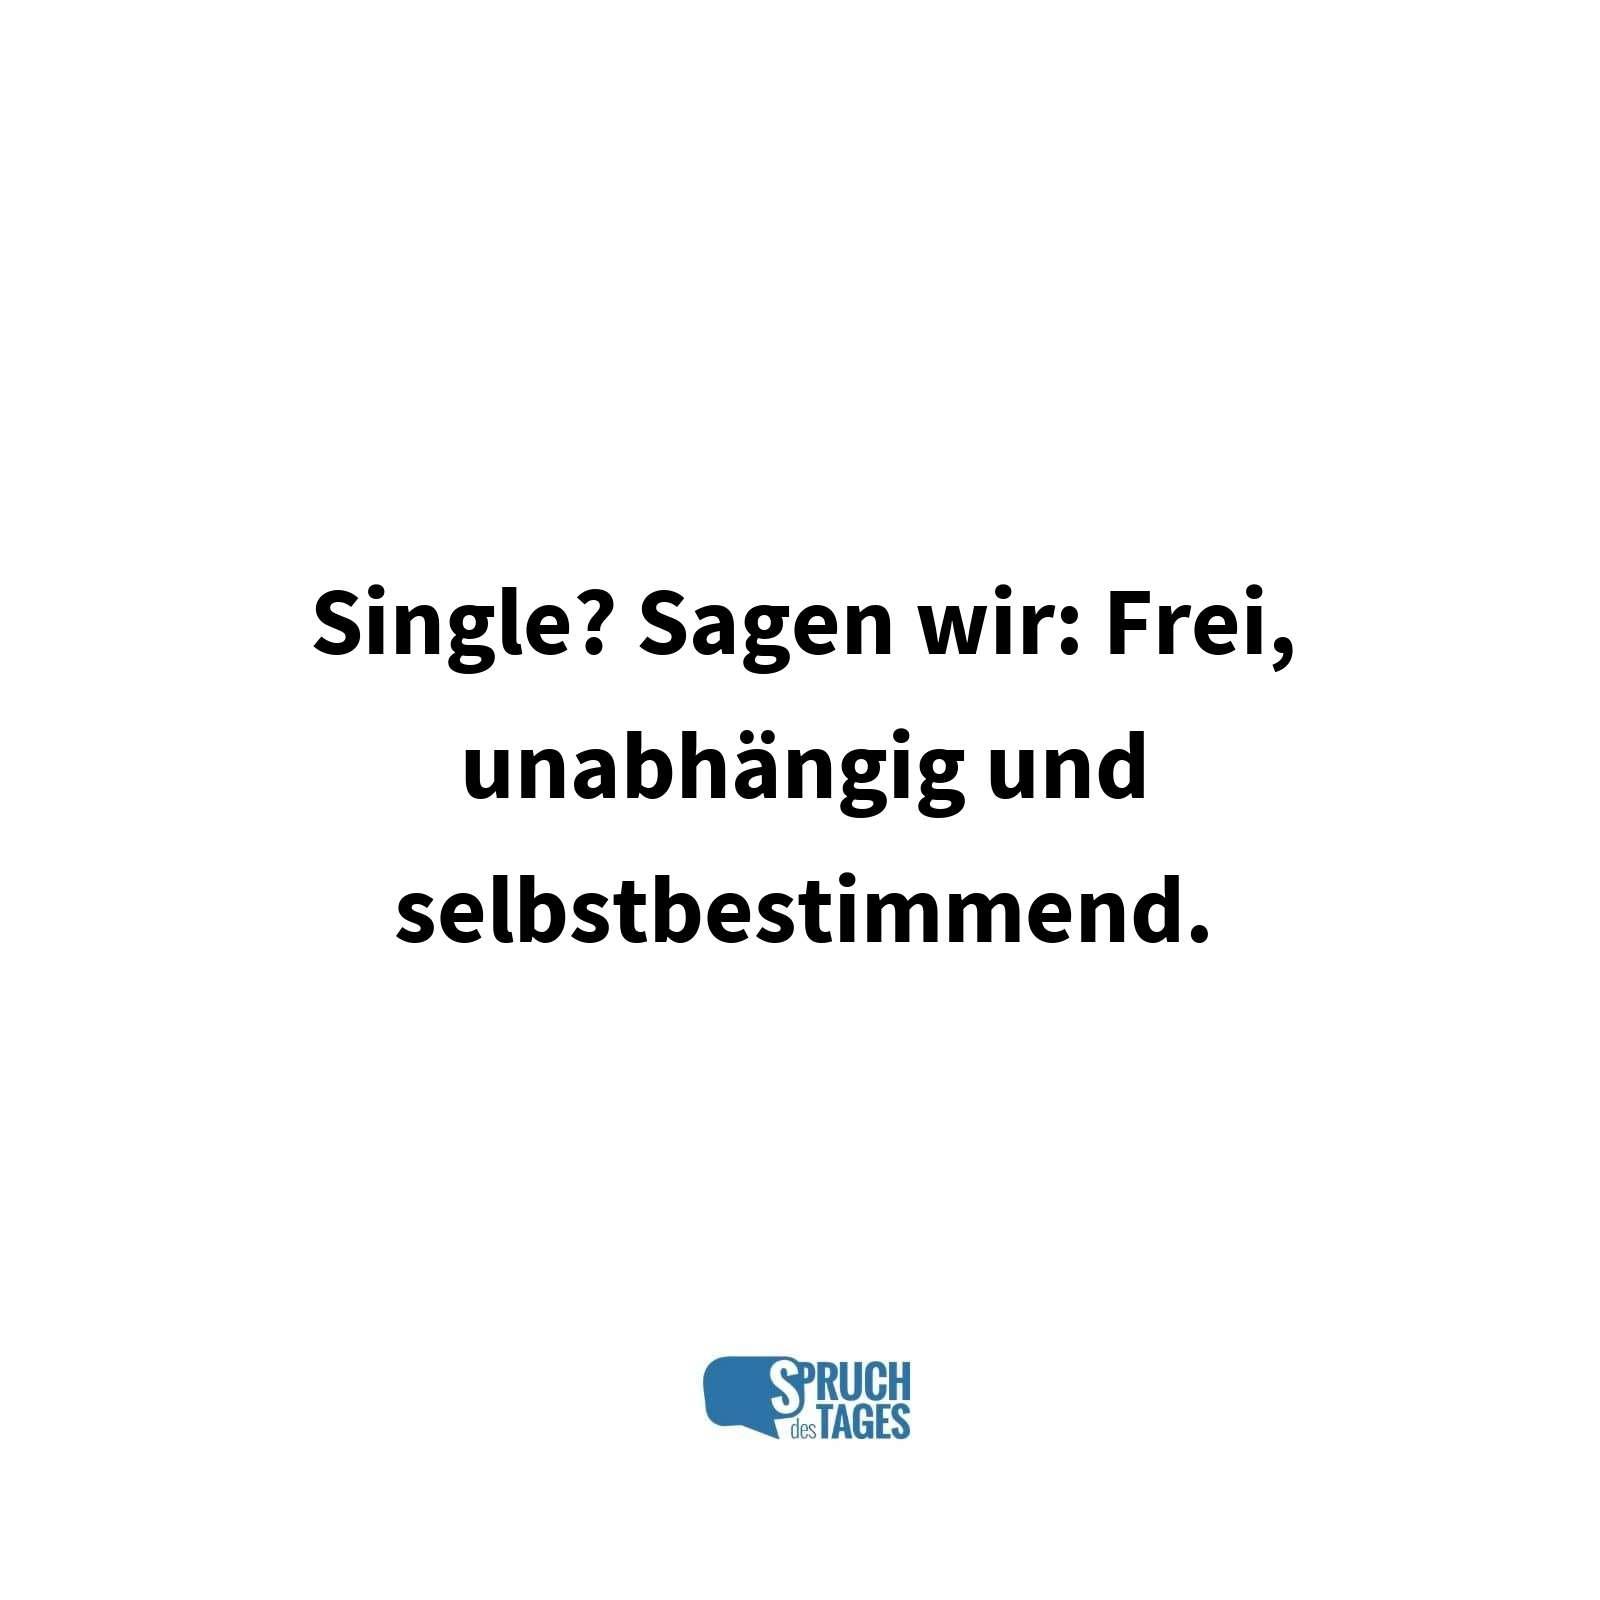 single sein sprüche Single? Sagen wir: Frei, unabhängig und selbstbestimmend. single sein sprüche